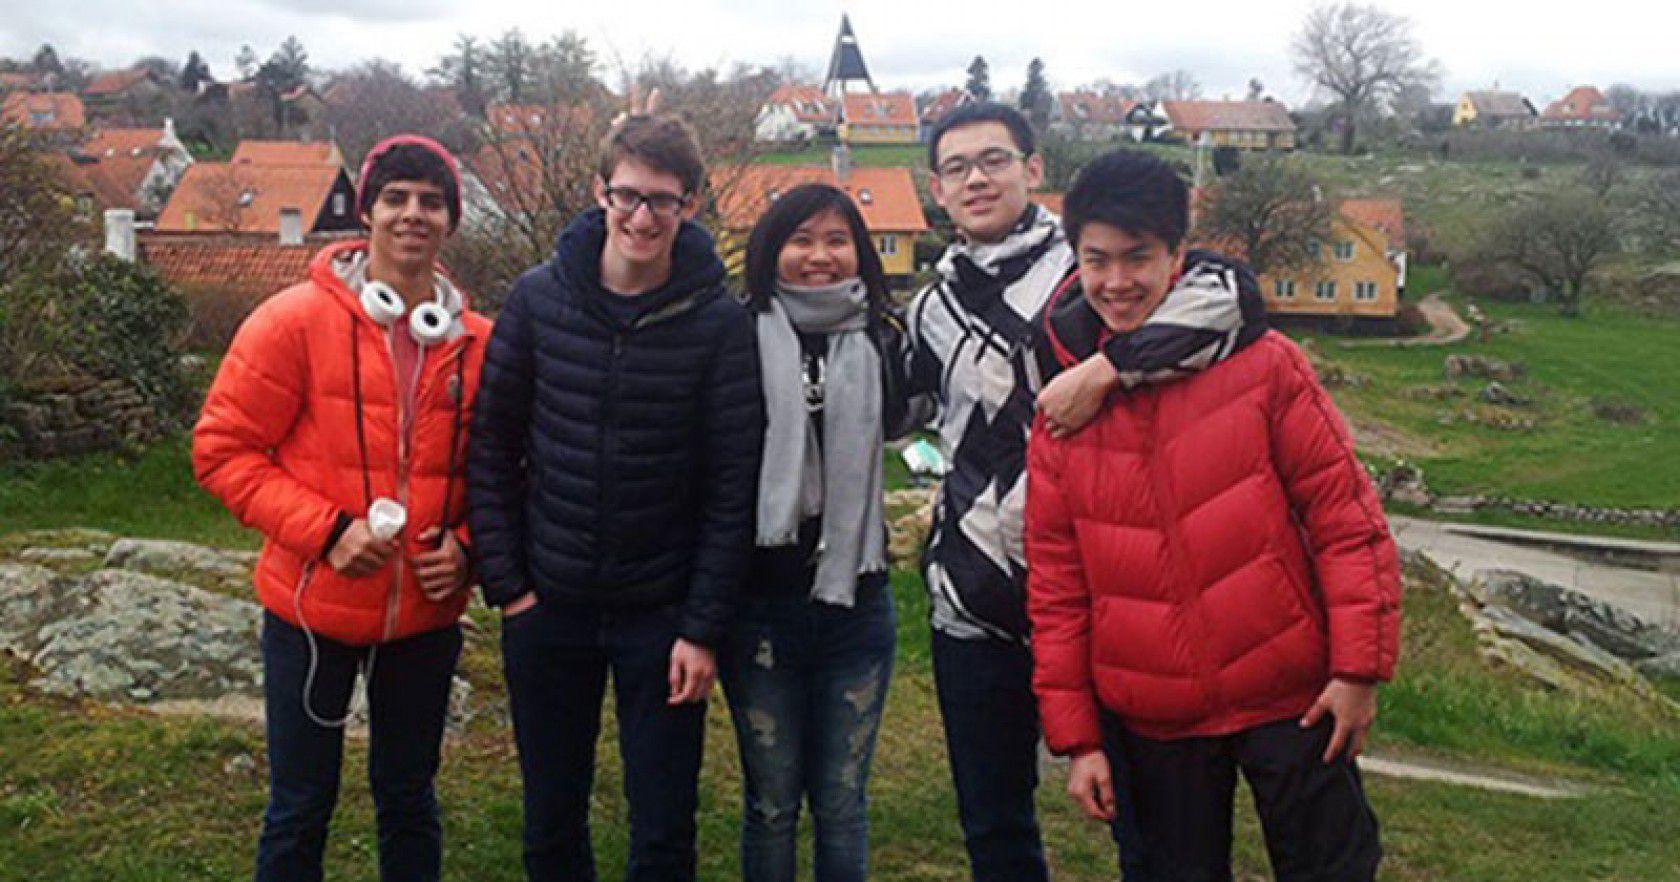 Avrupa Lise Eğitimi ISEE Sınavı Başvurusu Koşulları Nelerdir